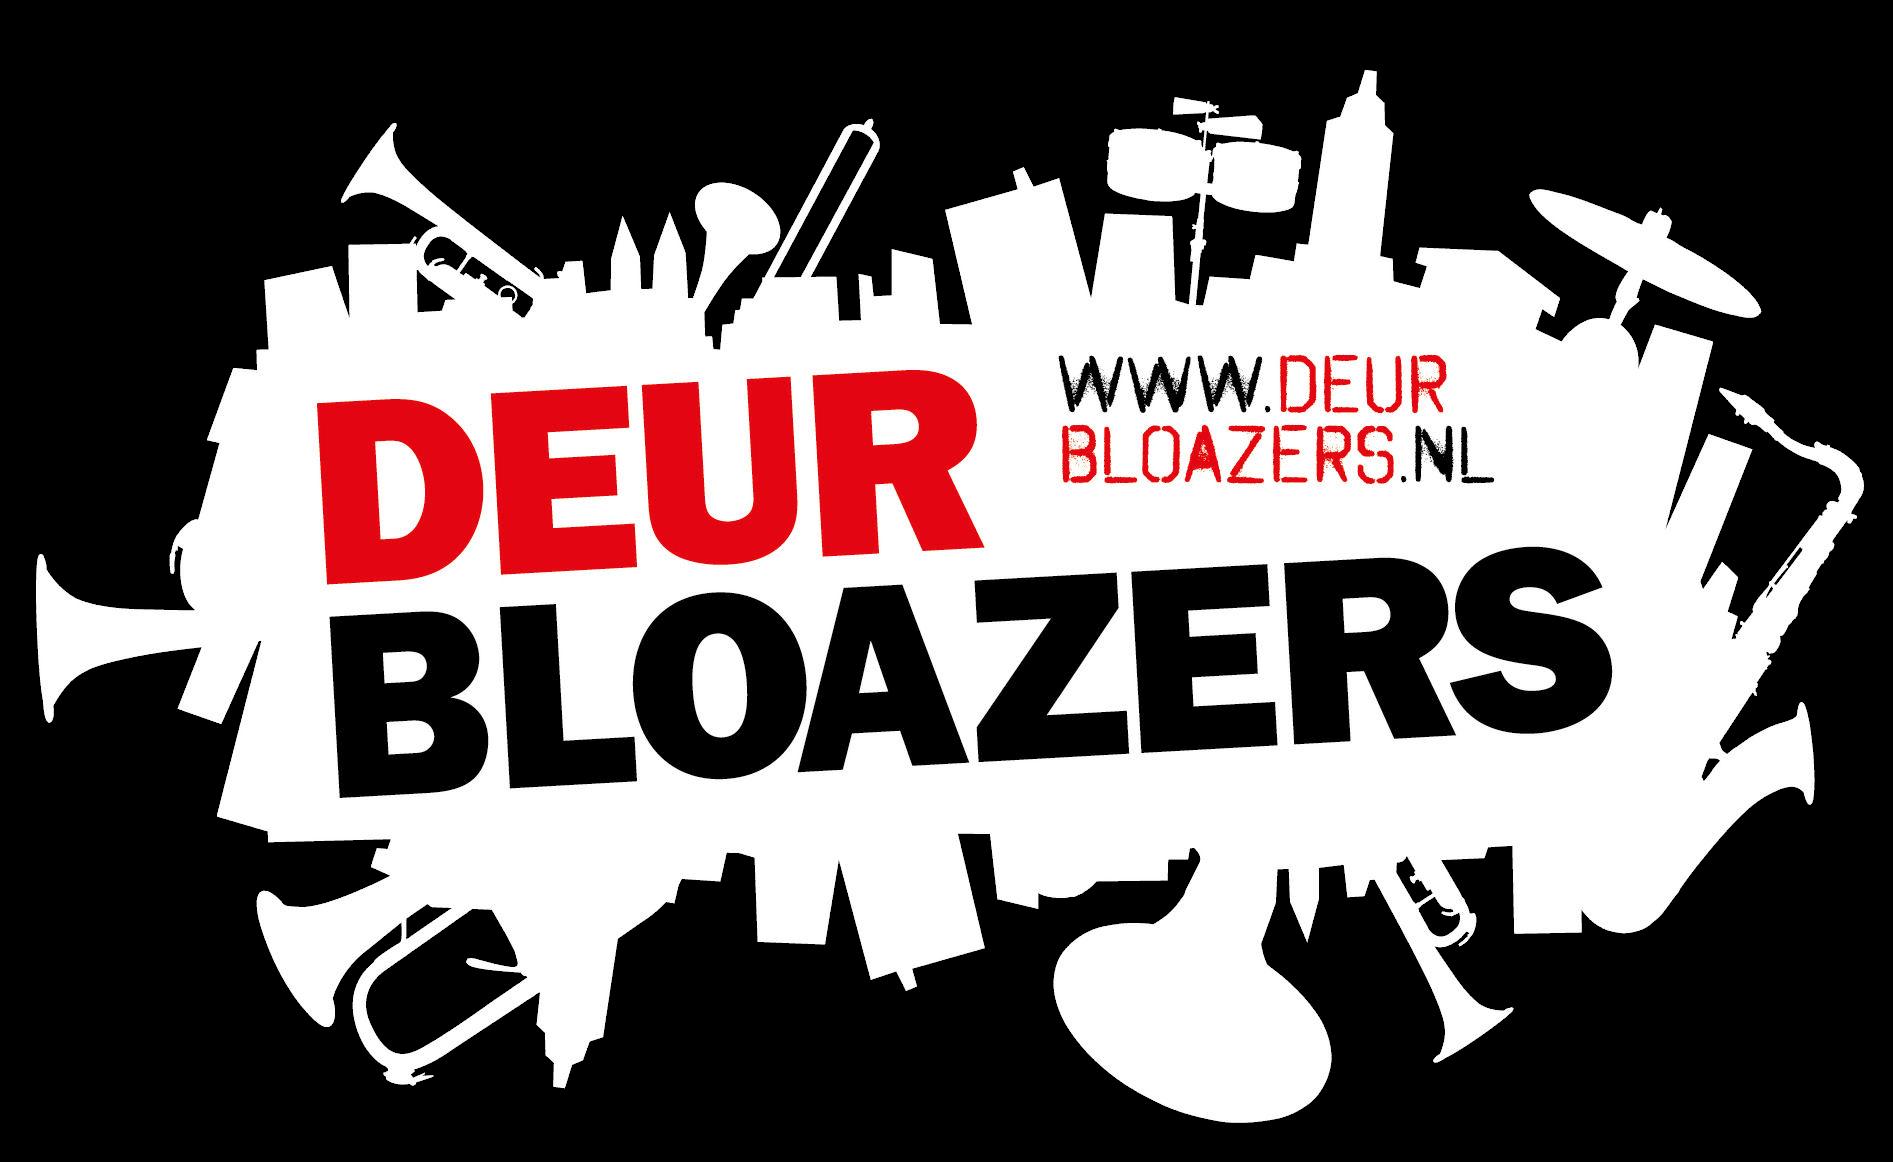 Deurbloazers